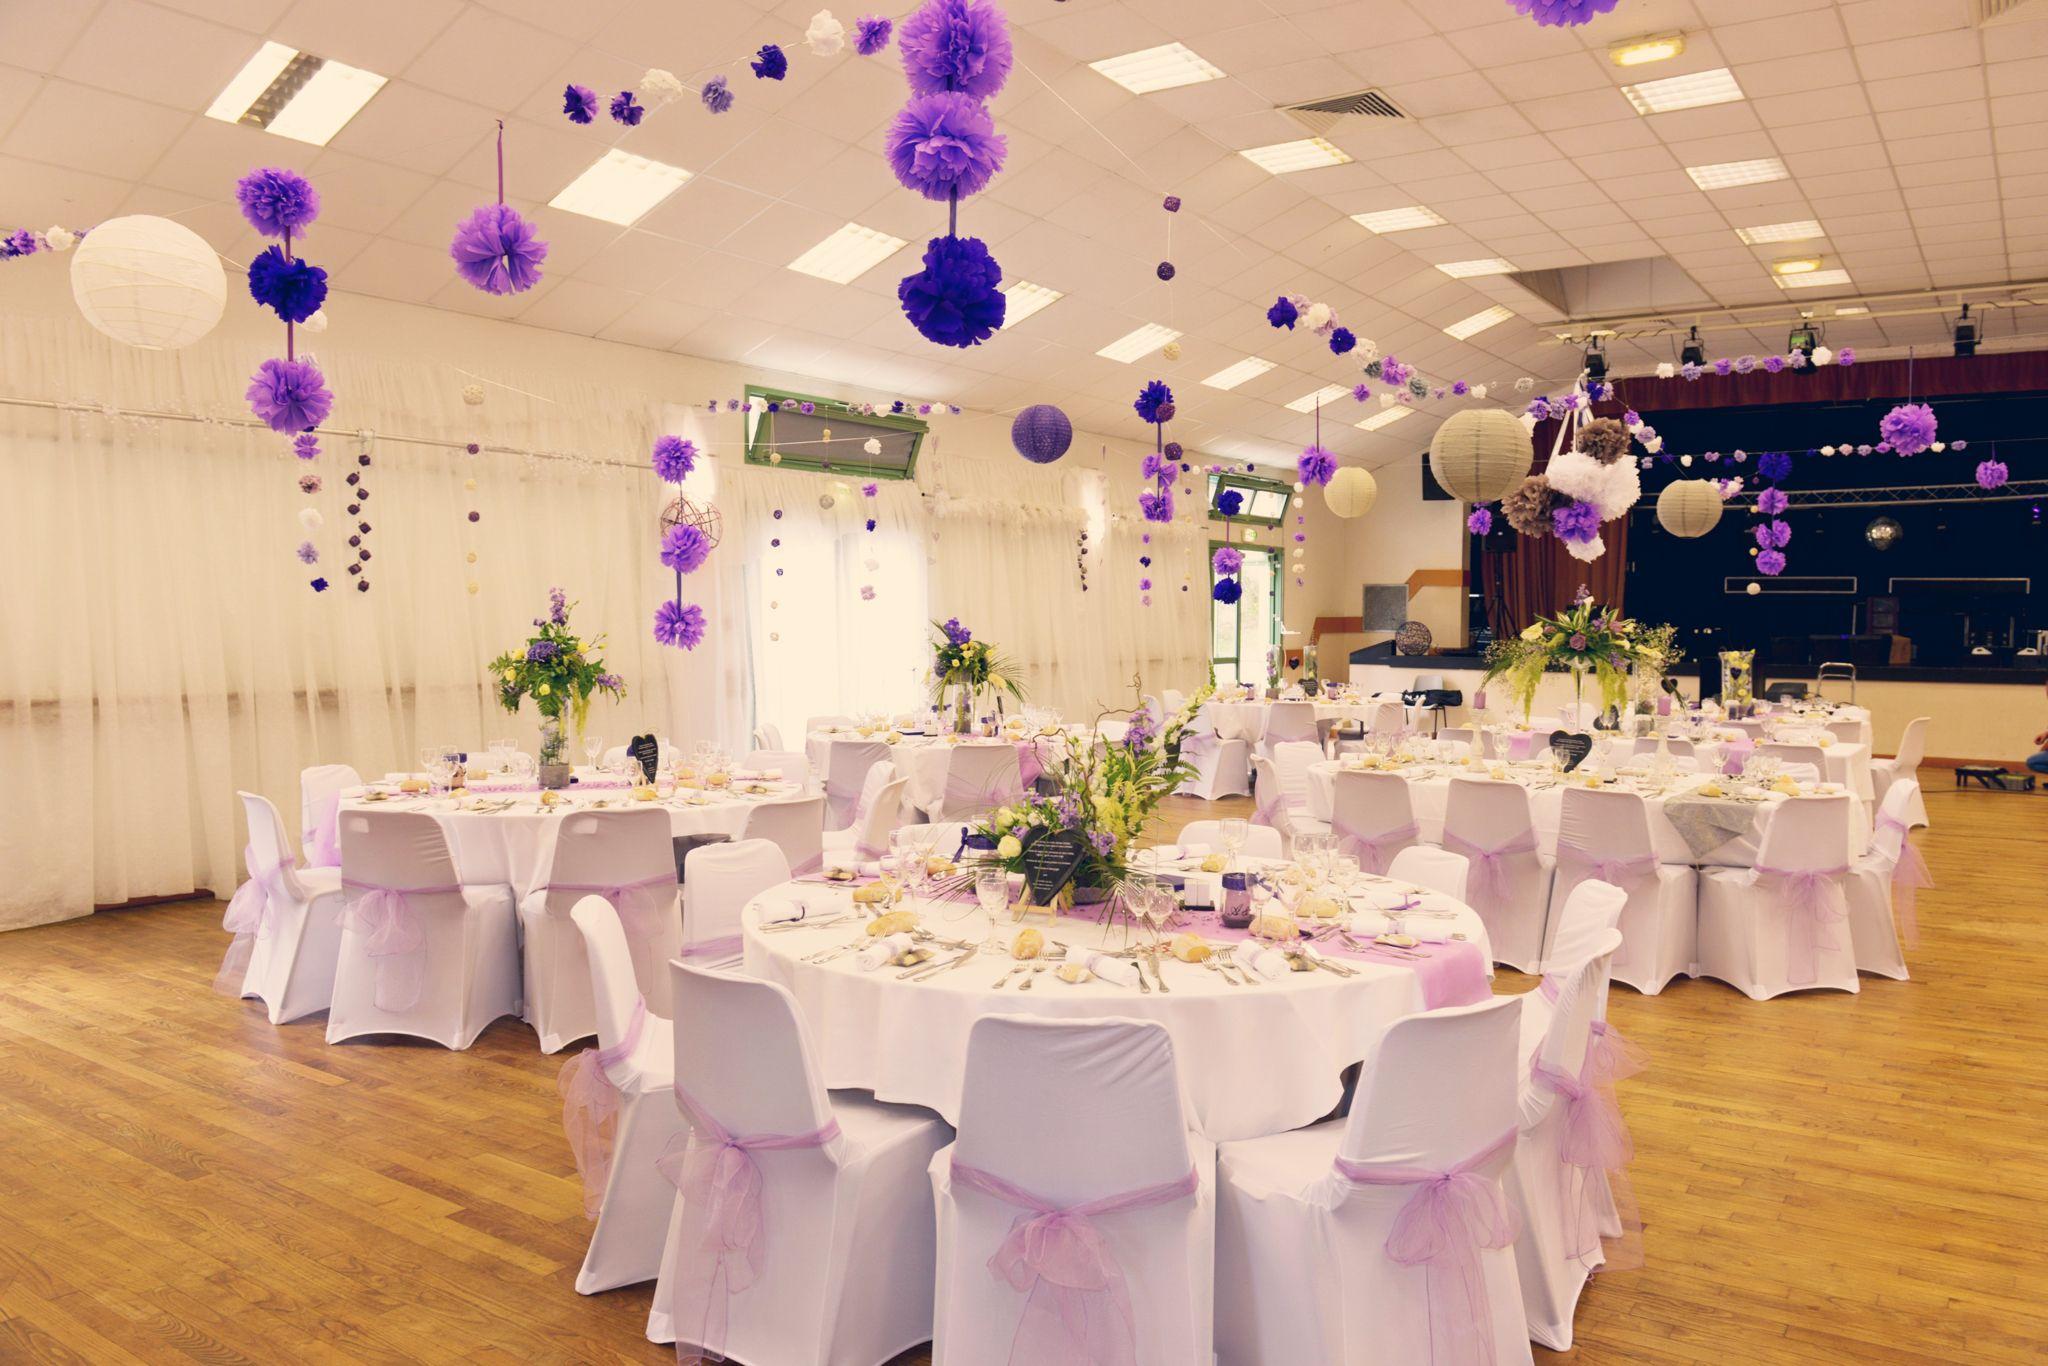 d coration de salle des f tes mariage romantique parme mauve lavande violet lilas beige blanc. Black Bedroom Furniture Sets. Home Design Ideas